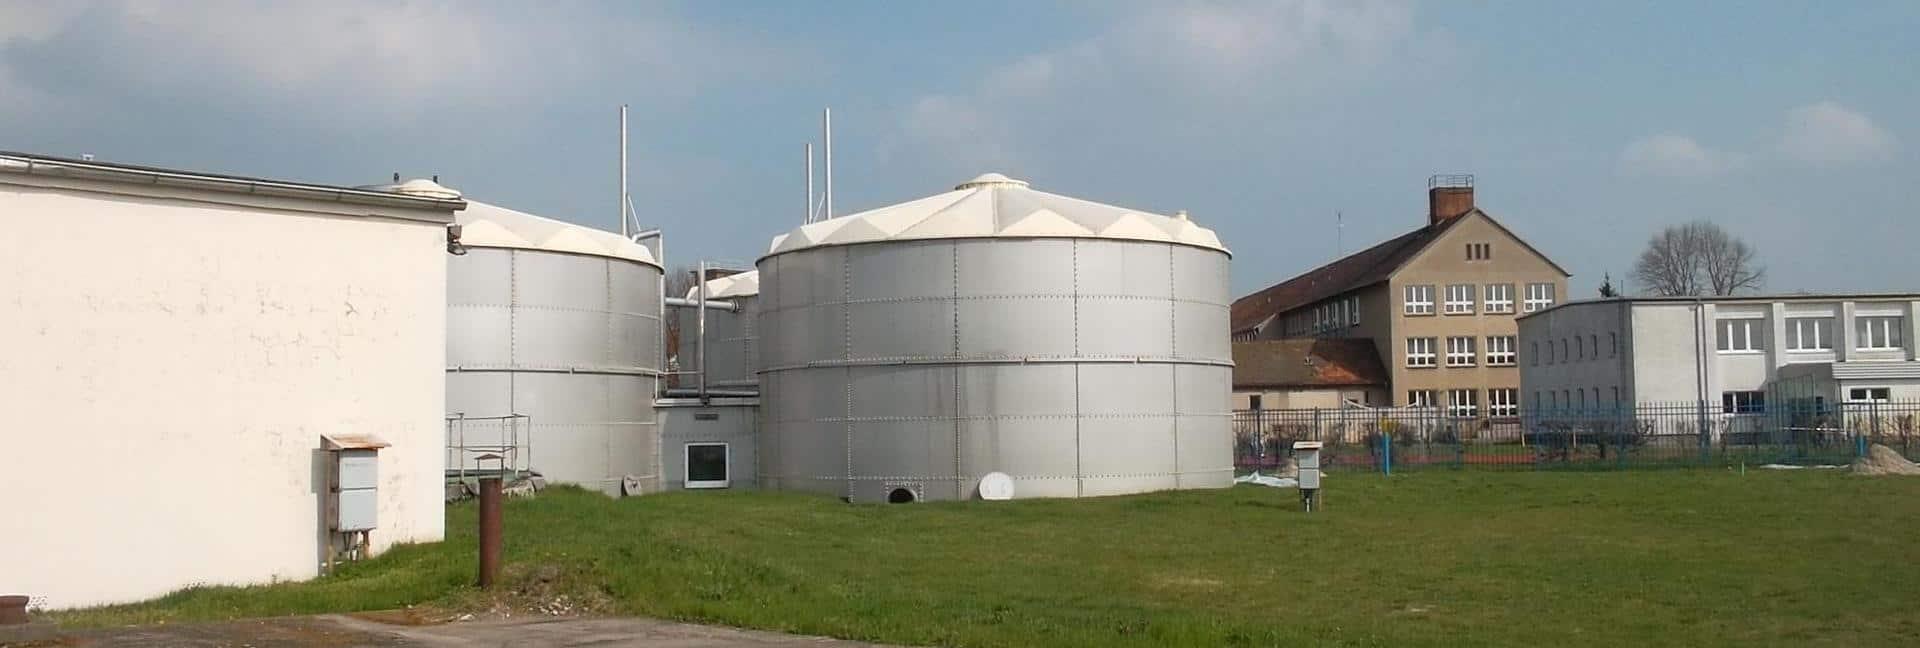 Fachgutachterliche Begleitung der Betriebserweiterung der Bayerischen Milchindustrie eG am Standort Jessen